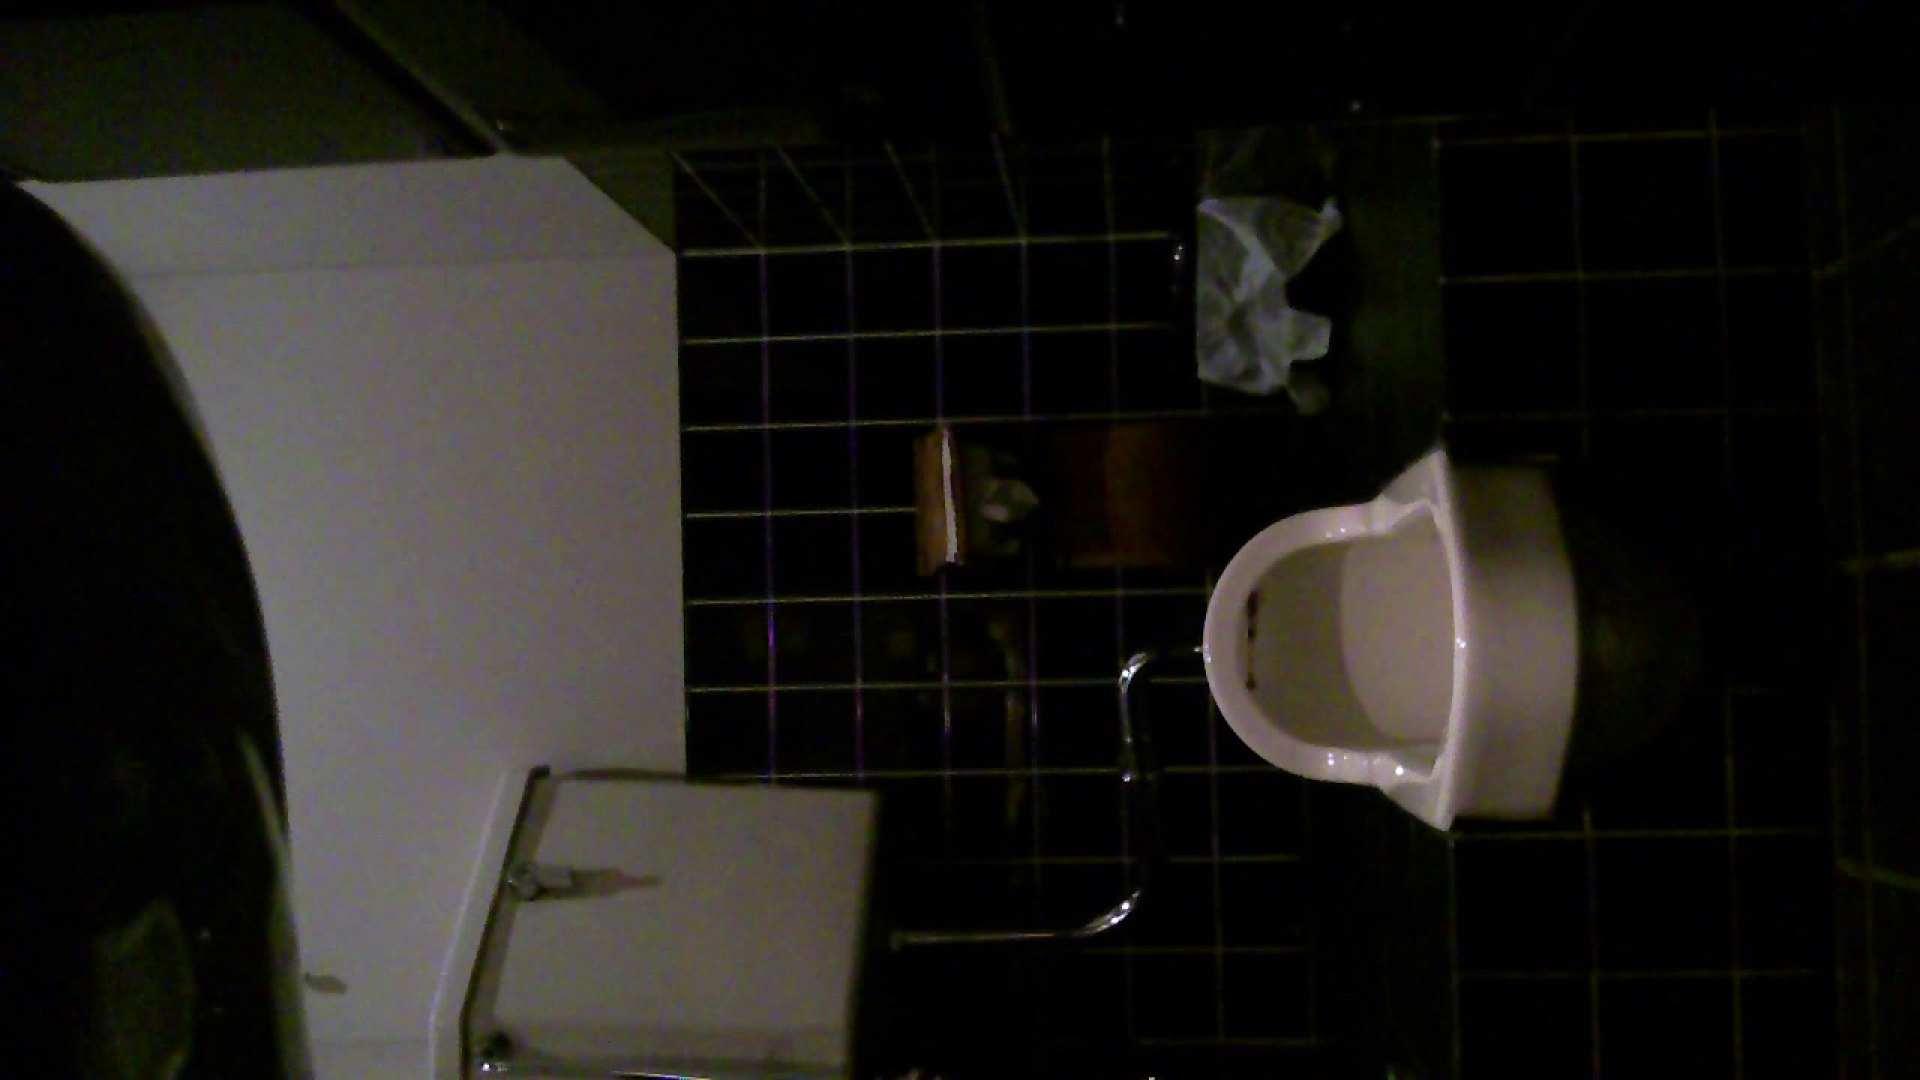 美女の集まる飲み屋洗面所 vol.04 エロティックなOL  76画像 16